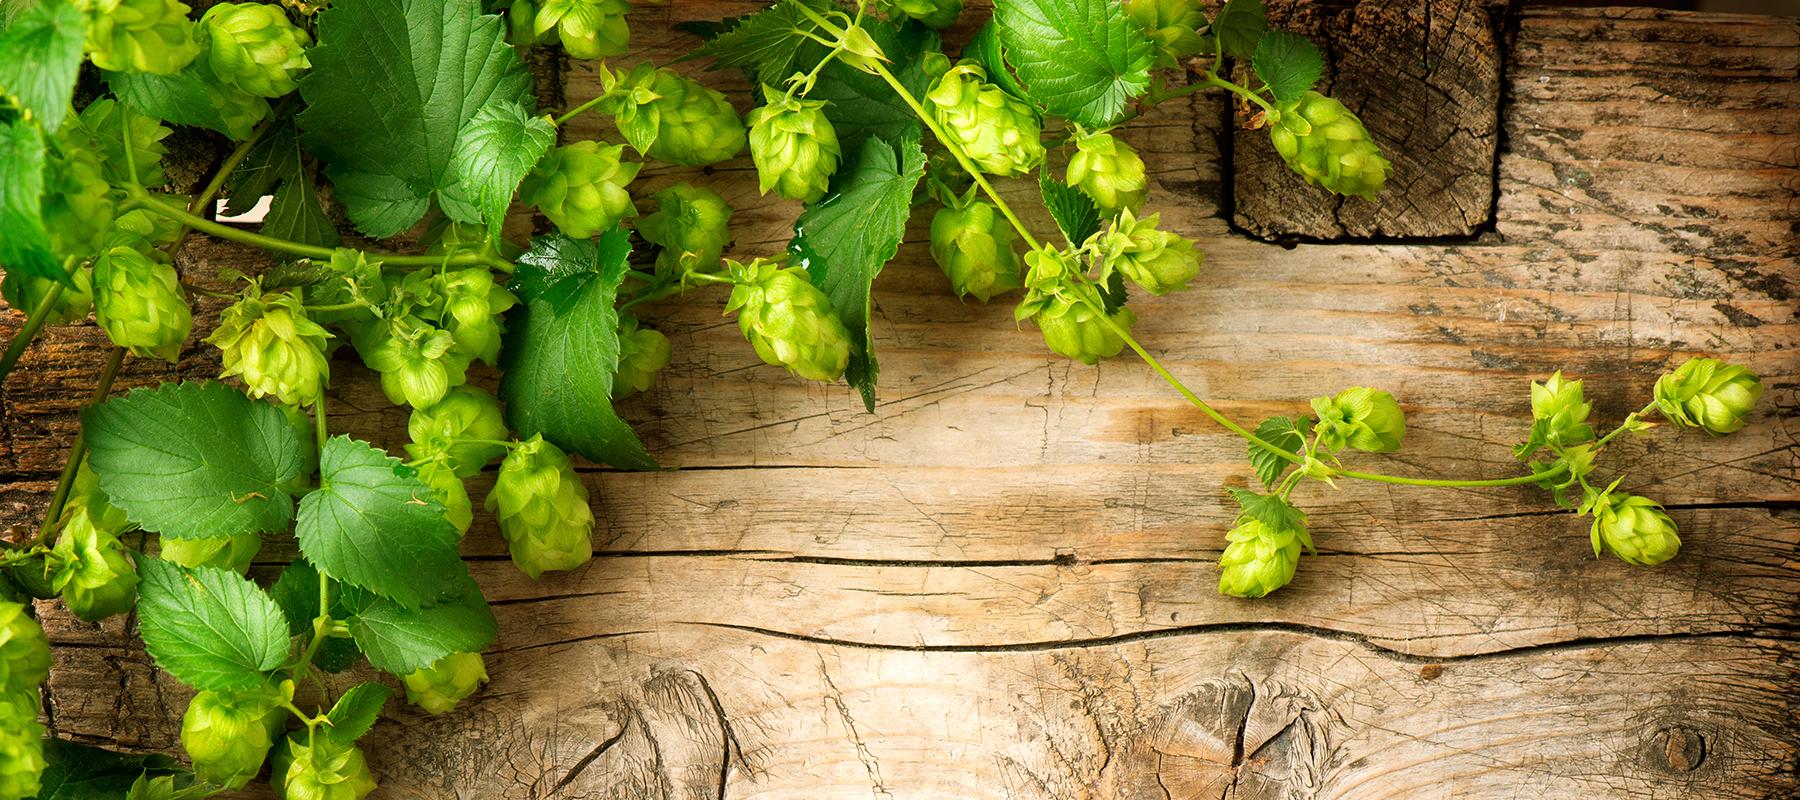 Bier van de maand juli 2021: Blanche de Namur